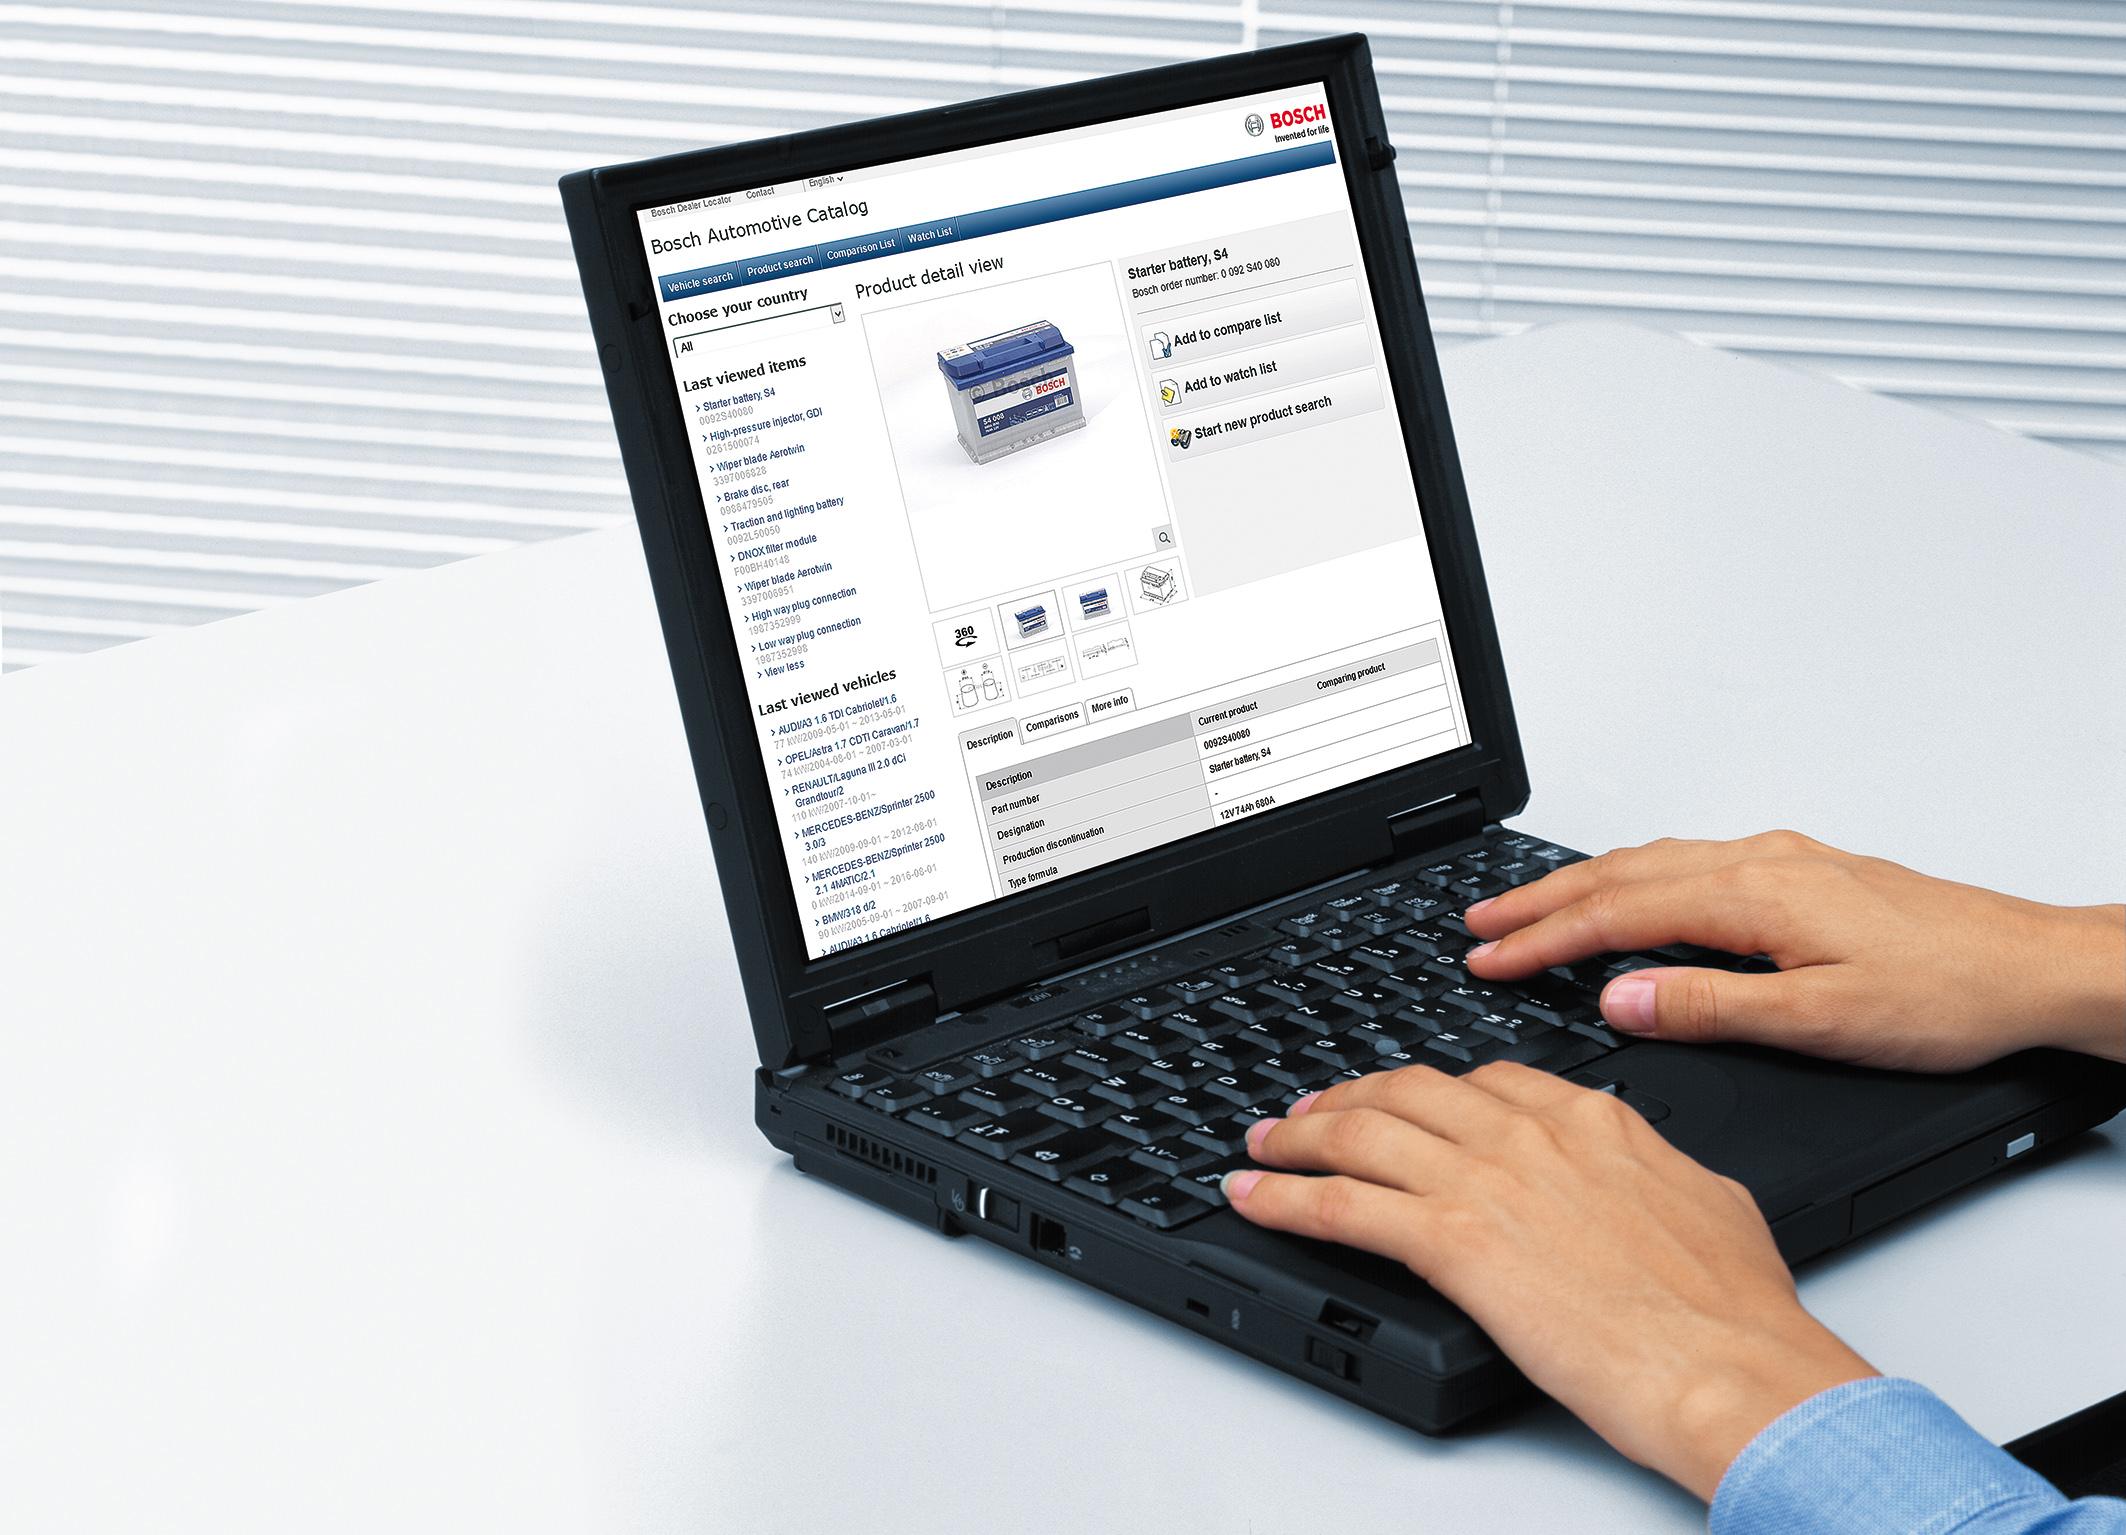 Catálogo online de autopeças da Bosch